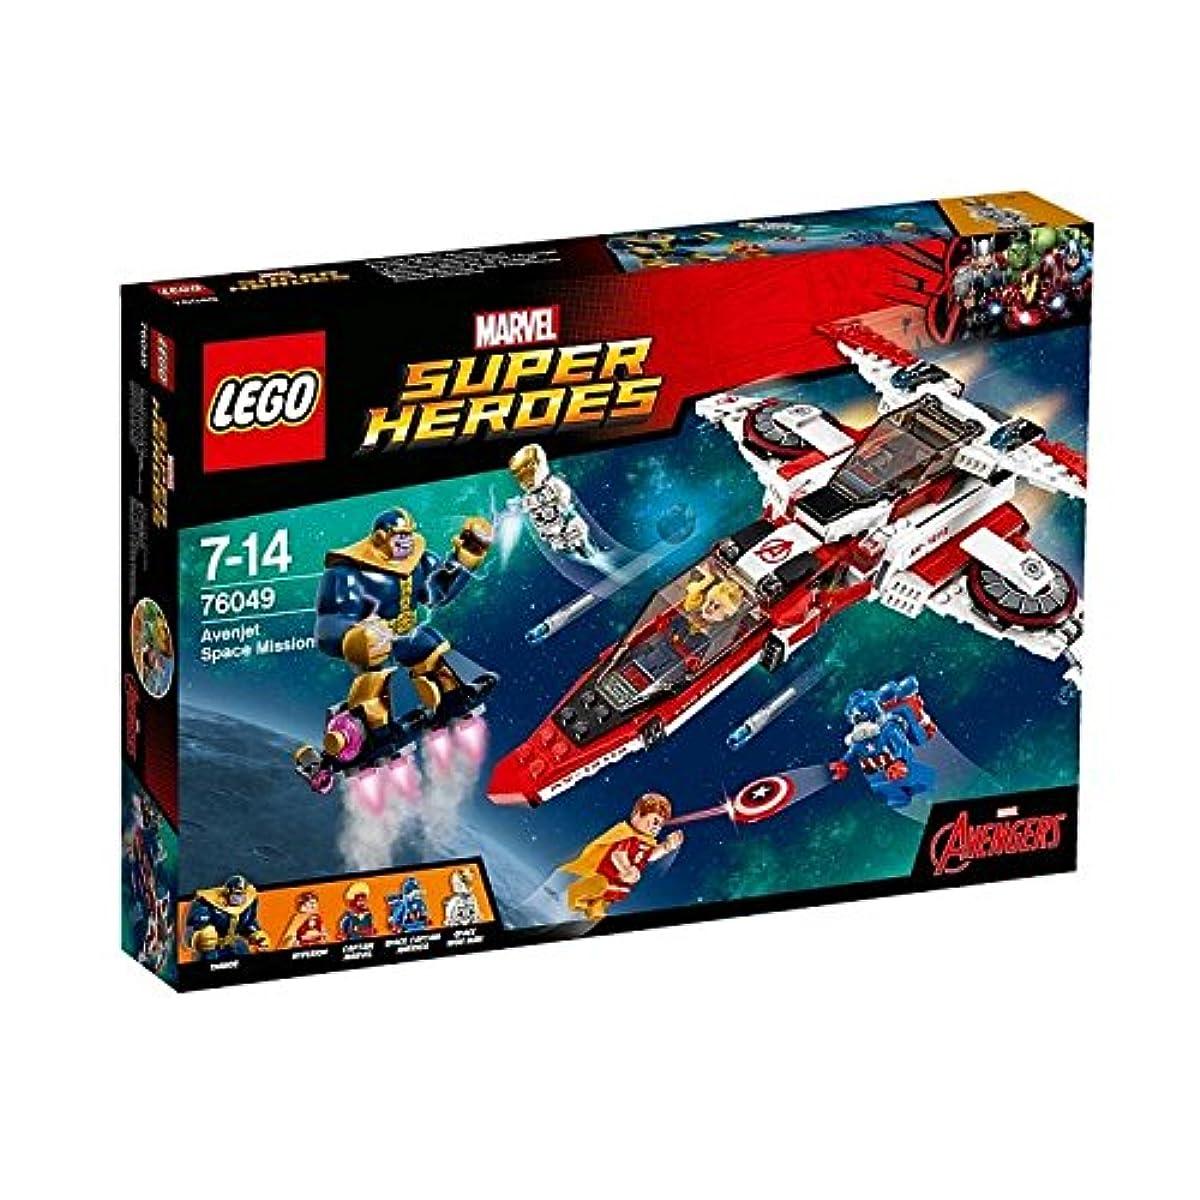 [해외] 레고 (LEGO) 슈퍼히어로즈 어벤제트 스페이스 미션 76049-76049 (2016-01-15)